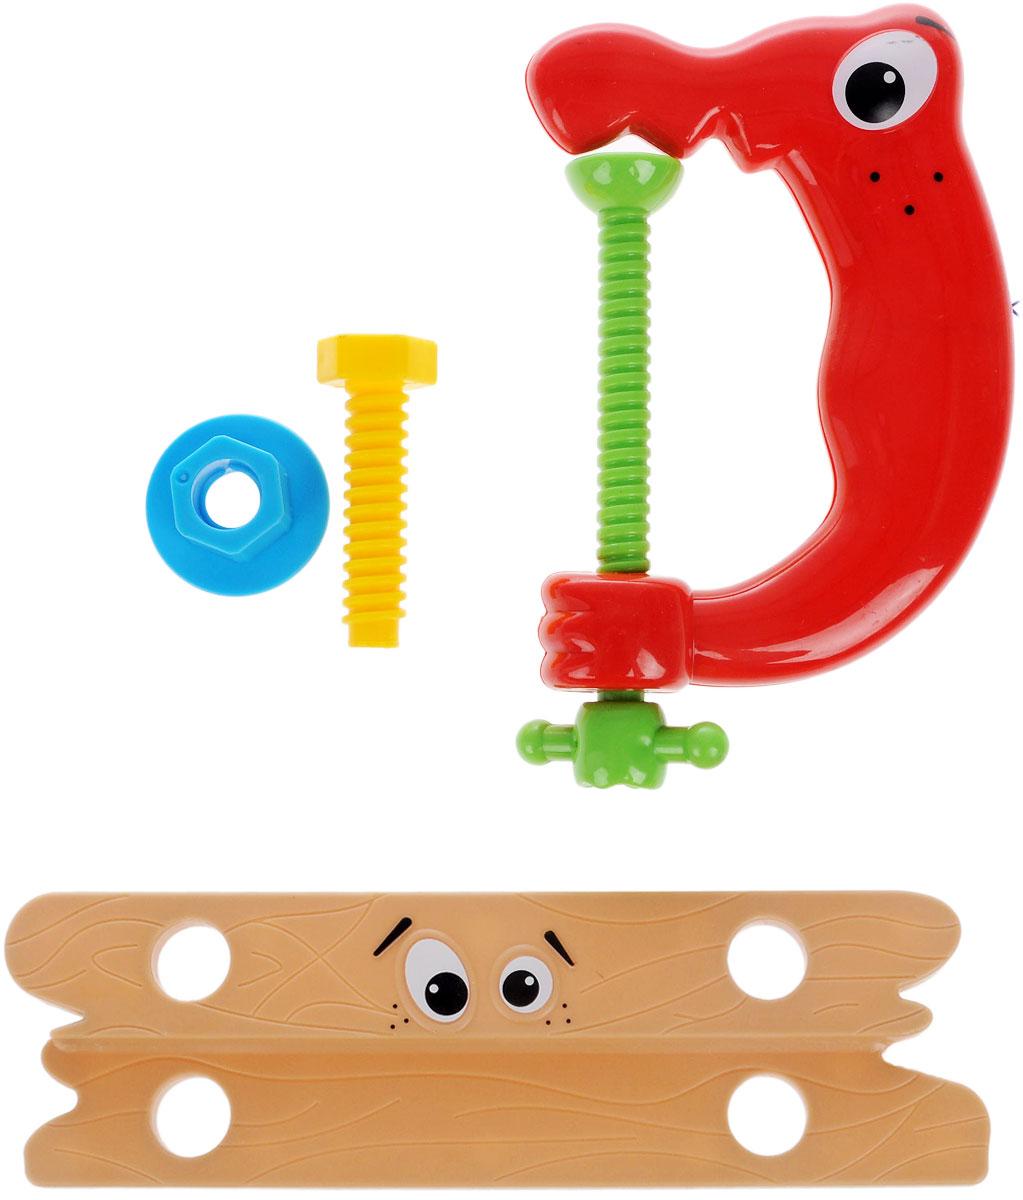 1TOY Игровой набор Профи-малыш цвет коричневый красный 1toy игровой набор профи малыш цвет красный голубой зеленый